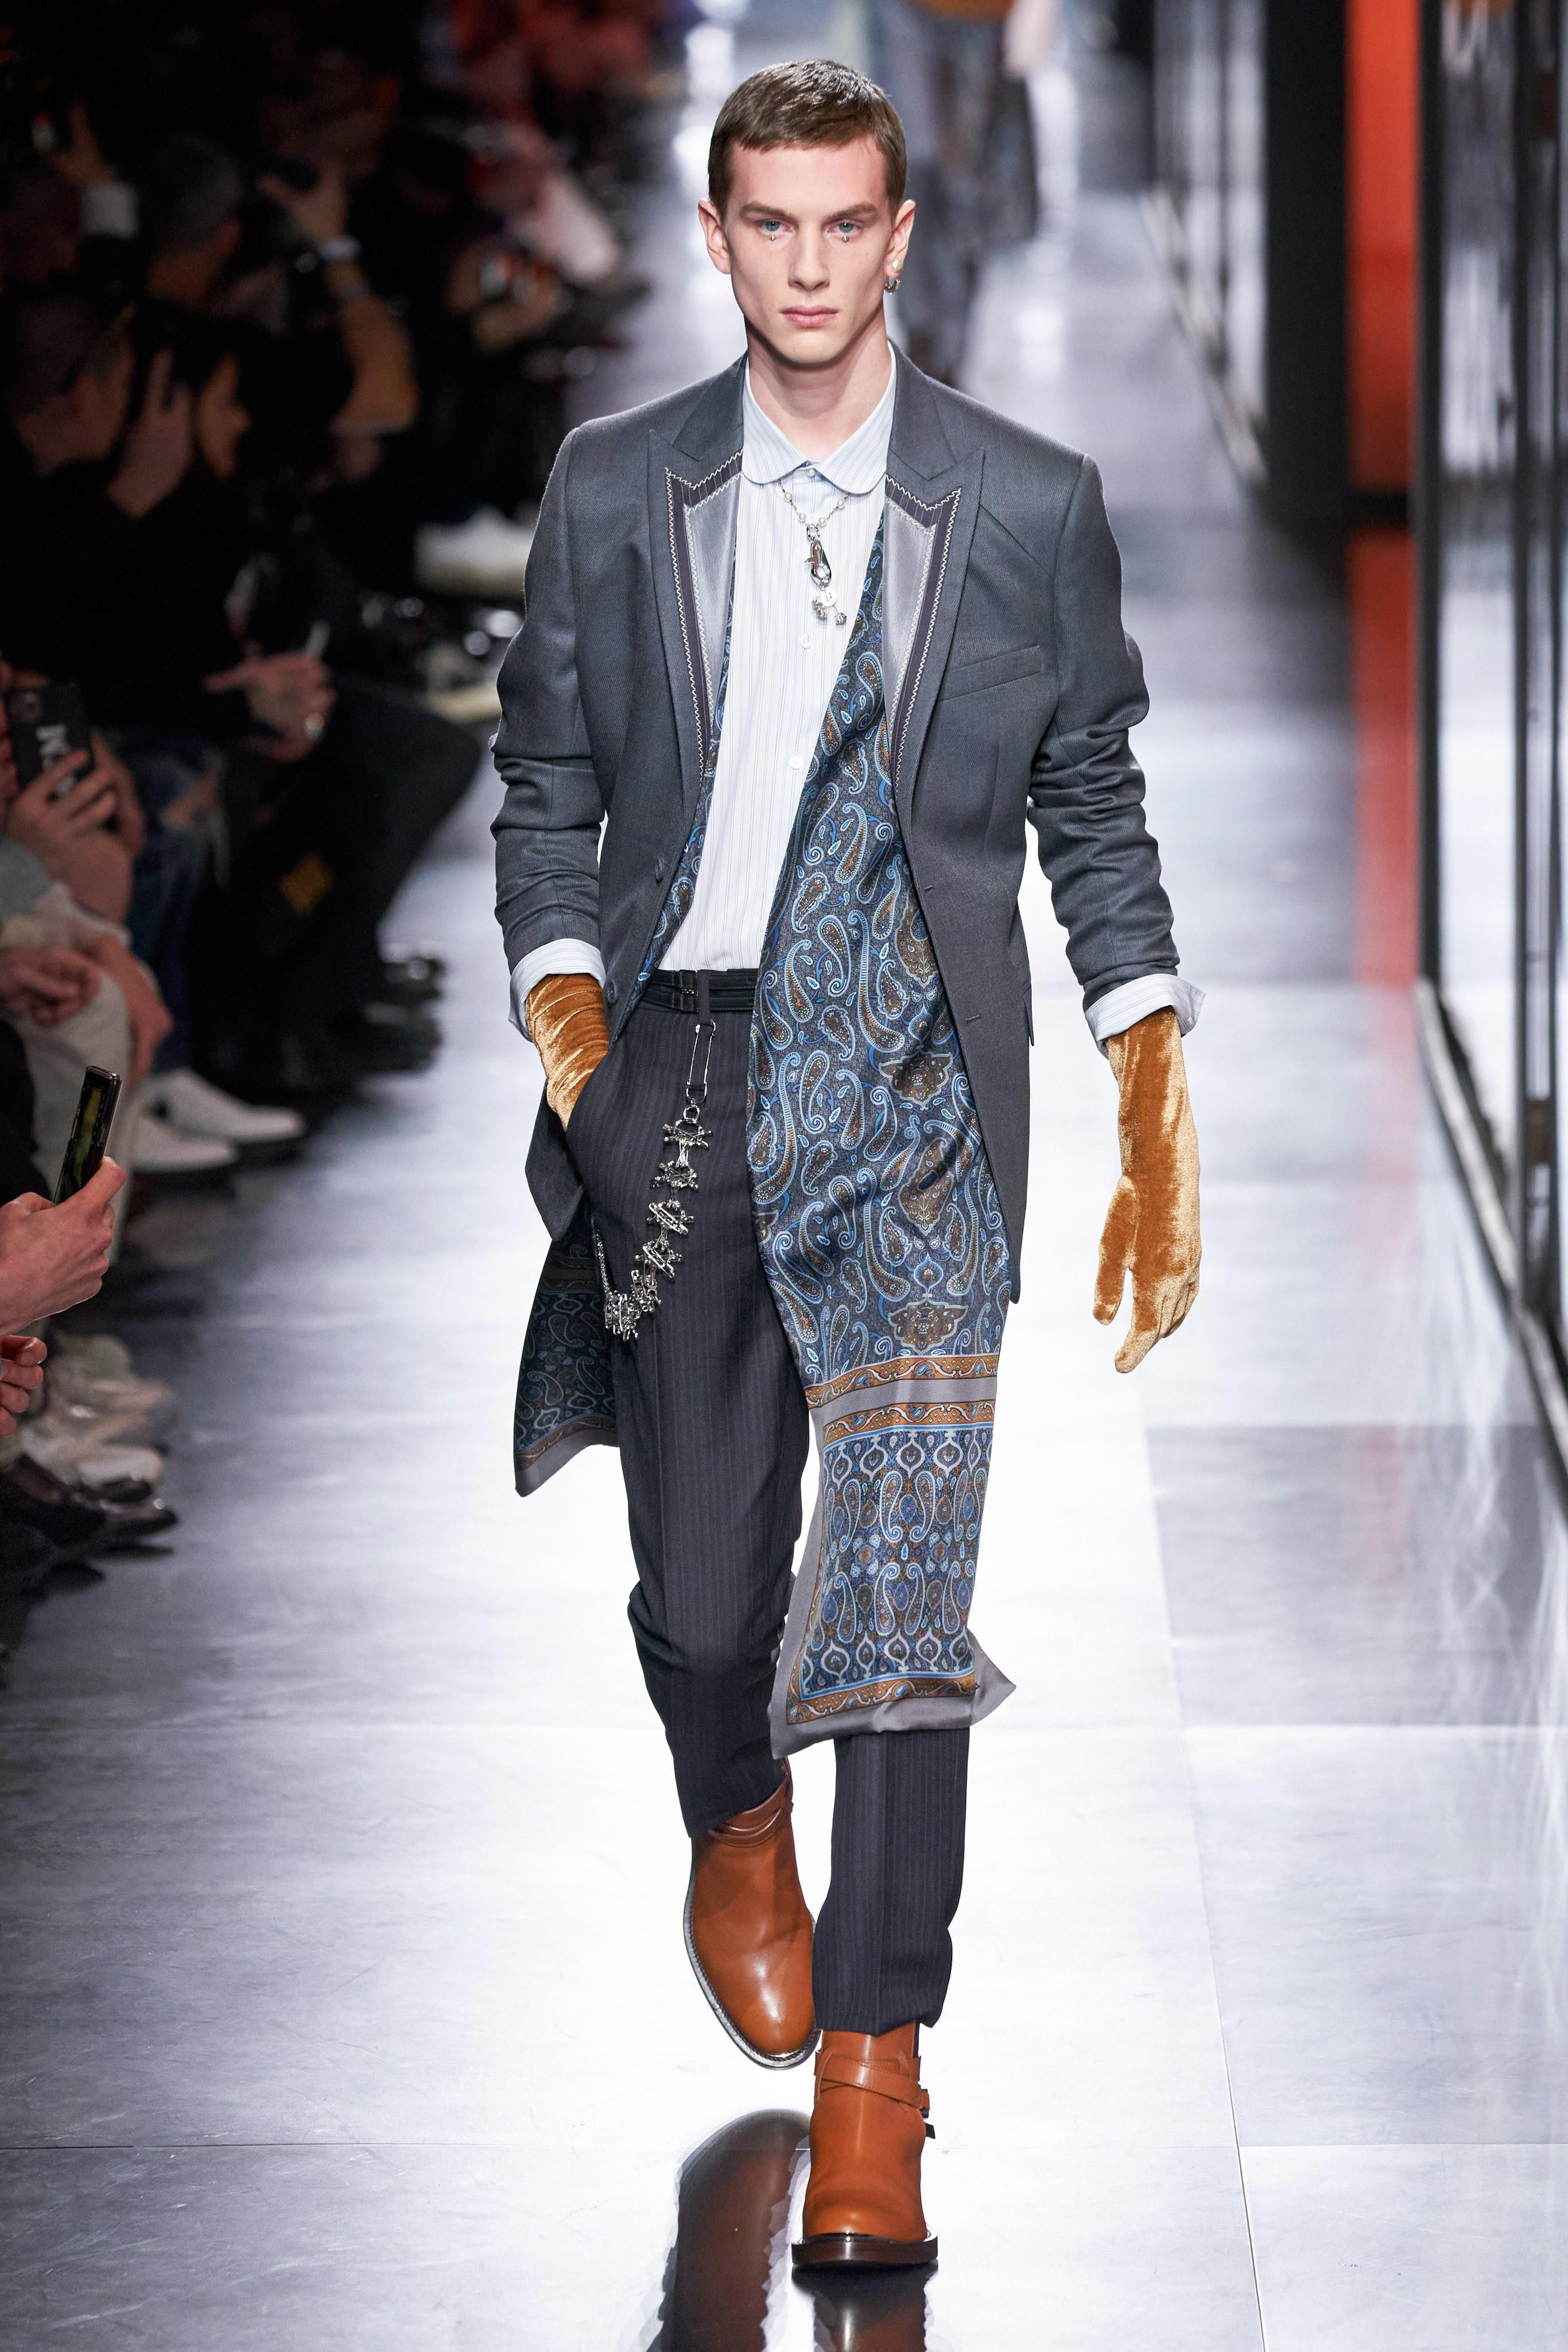 Áo khoác hoa, găng tay dài - Dior nâng thời trang nam lên tầm cao mới Ảnh 5